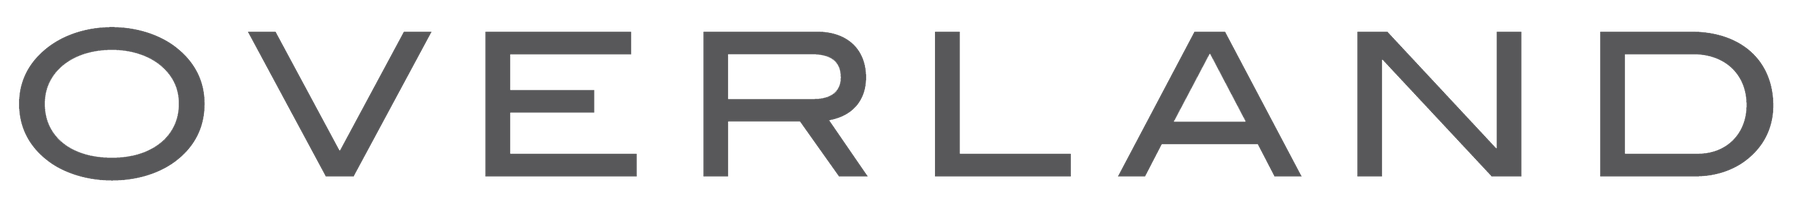 Overland_logo_grey.png